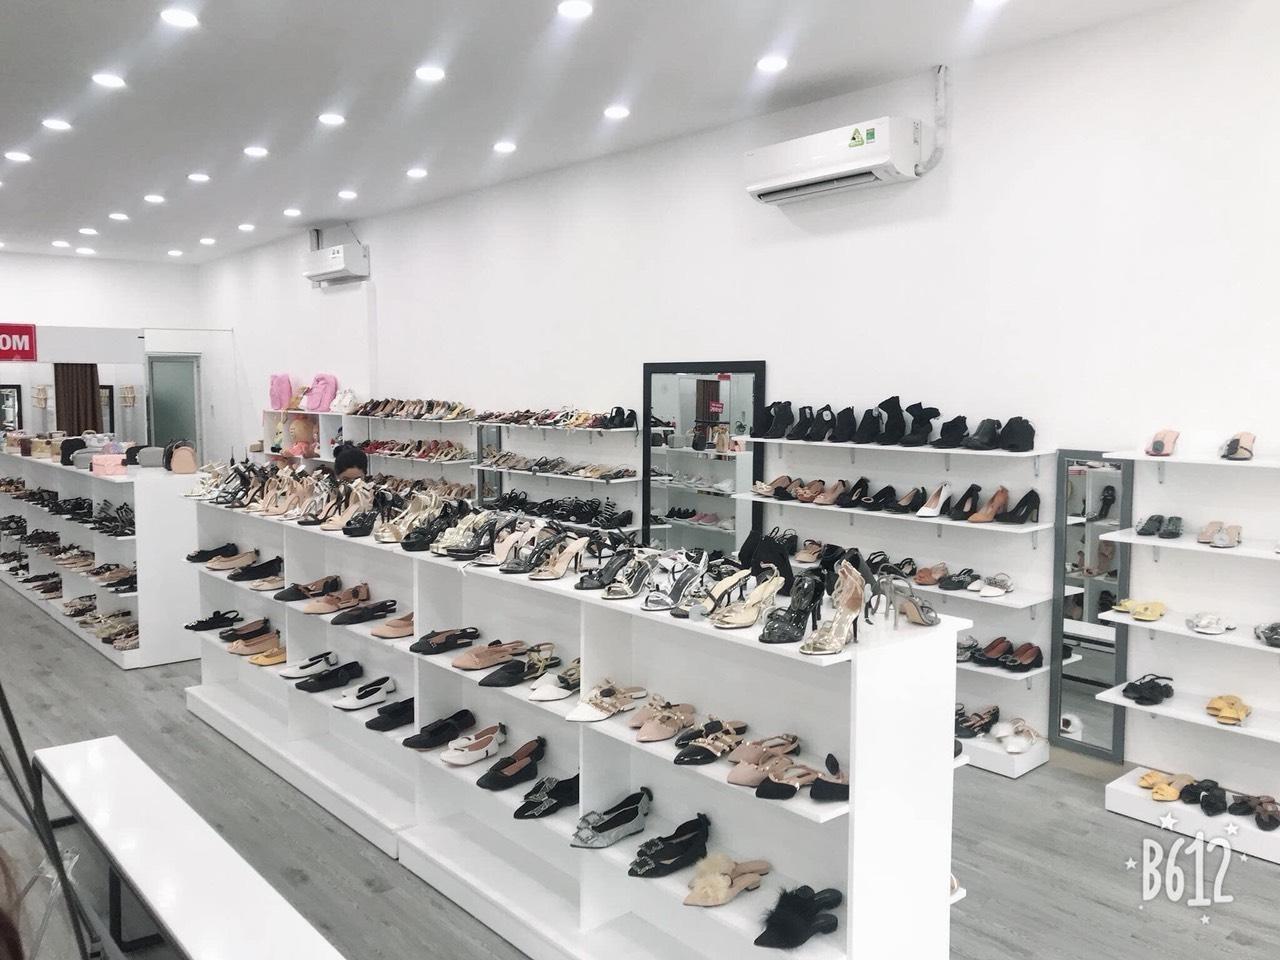 Chuỗi cửa hàng thời trang Crazyteen cực hút khách với fanpage gần triệu like  - Ảnh 4